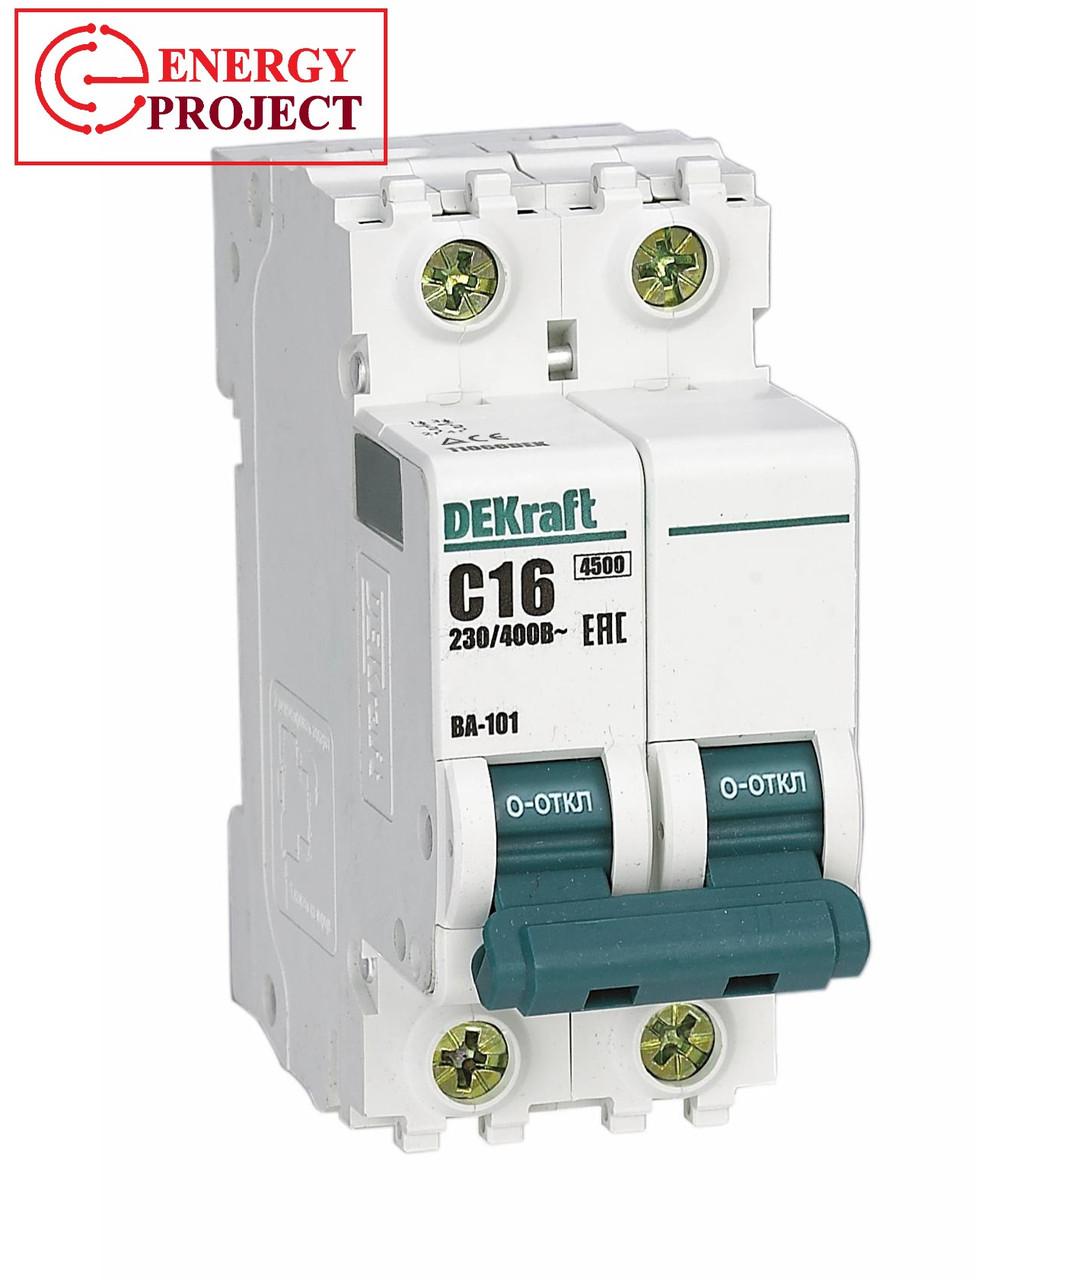 Автоматический выключатель ВА 101 4П 63А(36) Dekraft